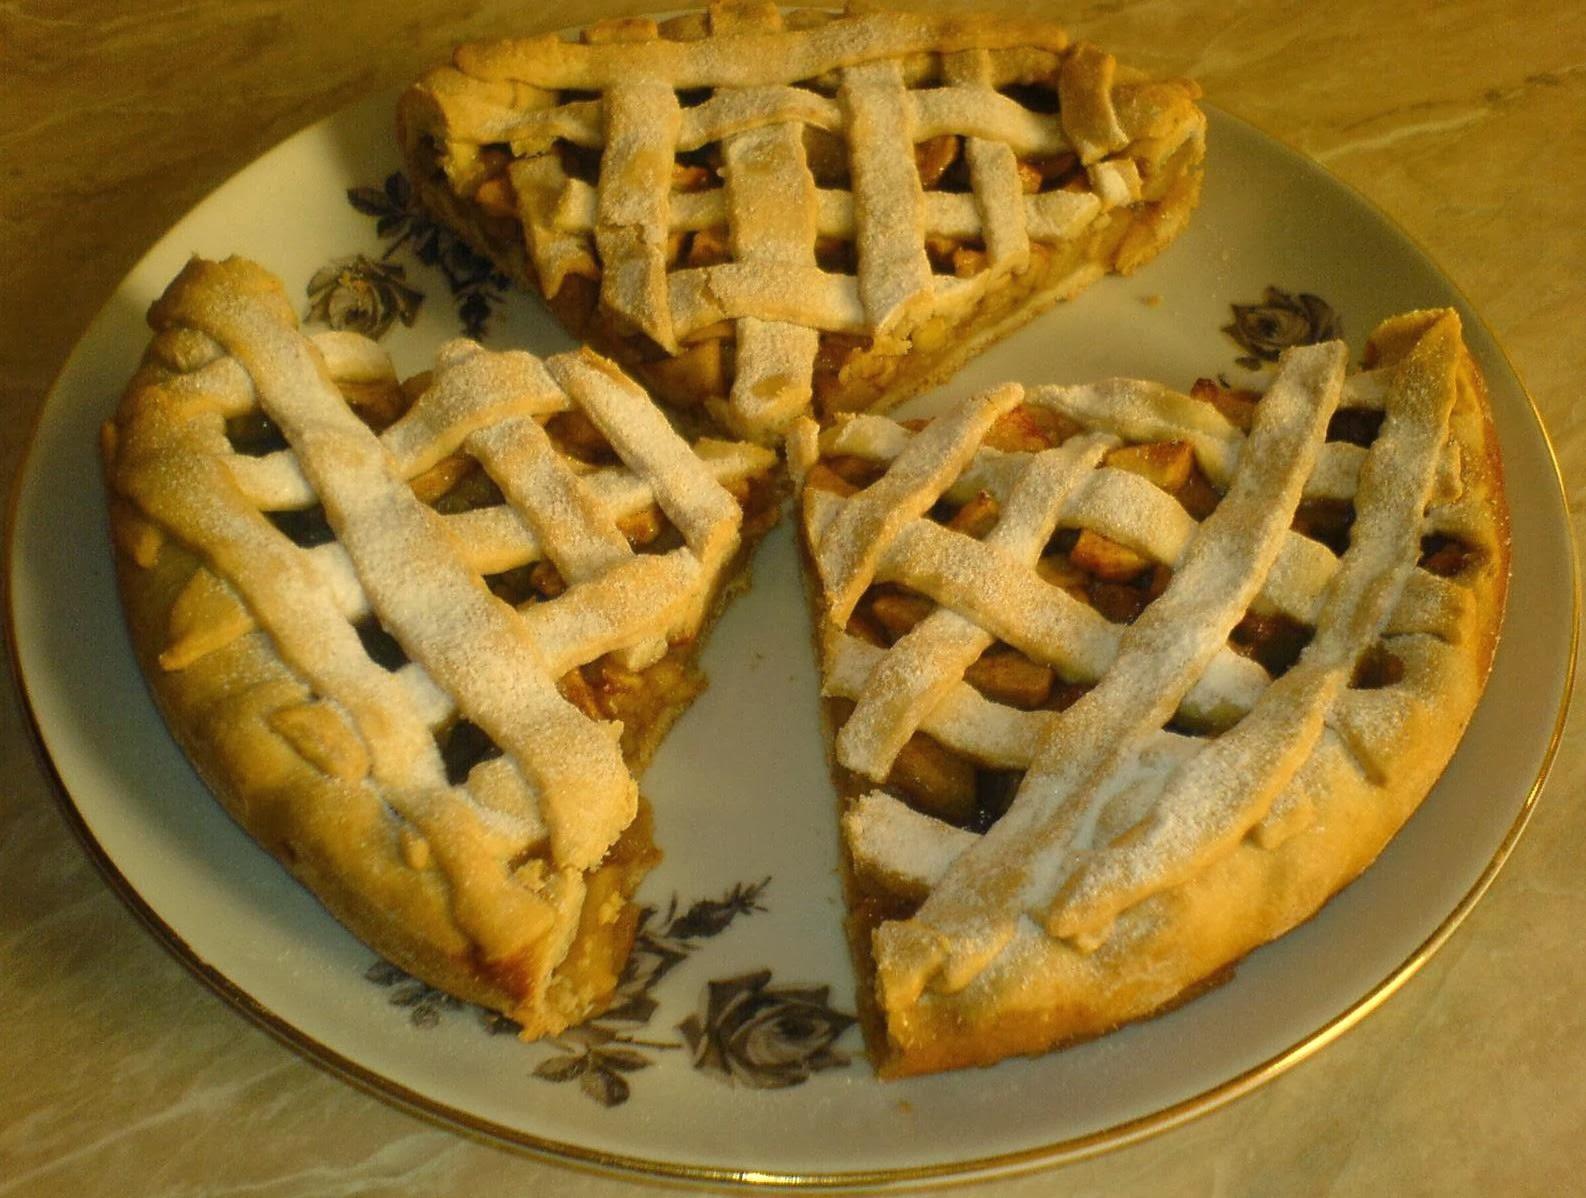 prajitura cu fructe, placinta de mere, dulciuri, prajituri, retete culinare, aluat de placinta cu mere, gastronomie, bucate dulci,